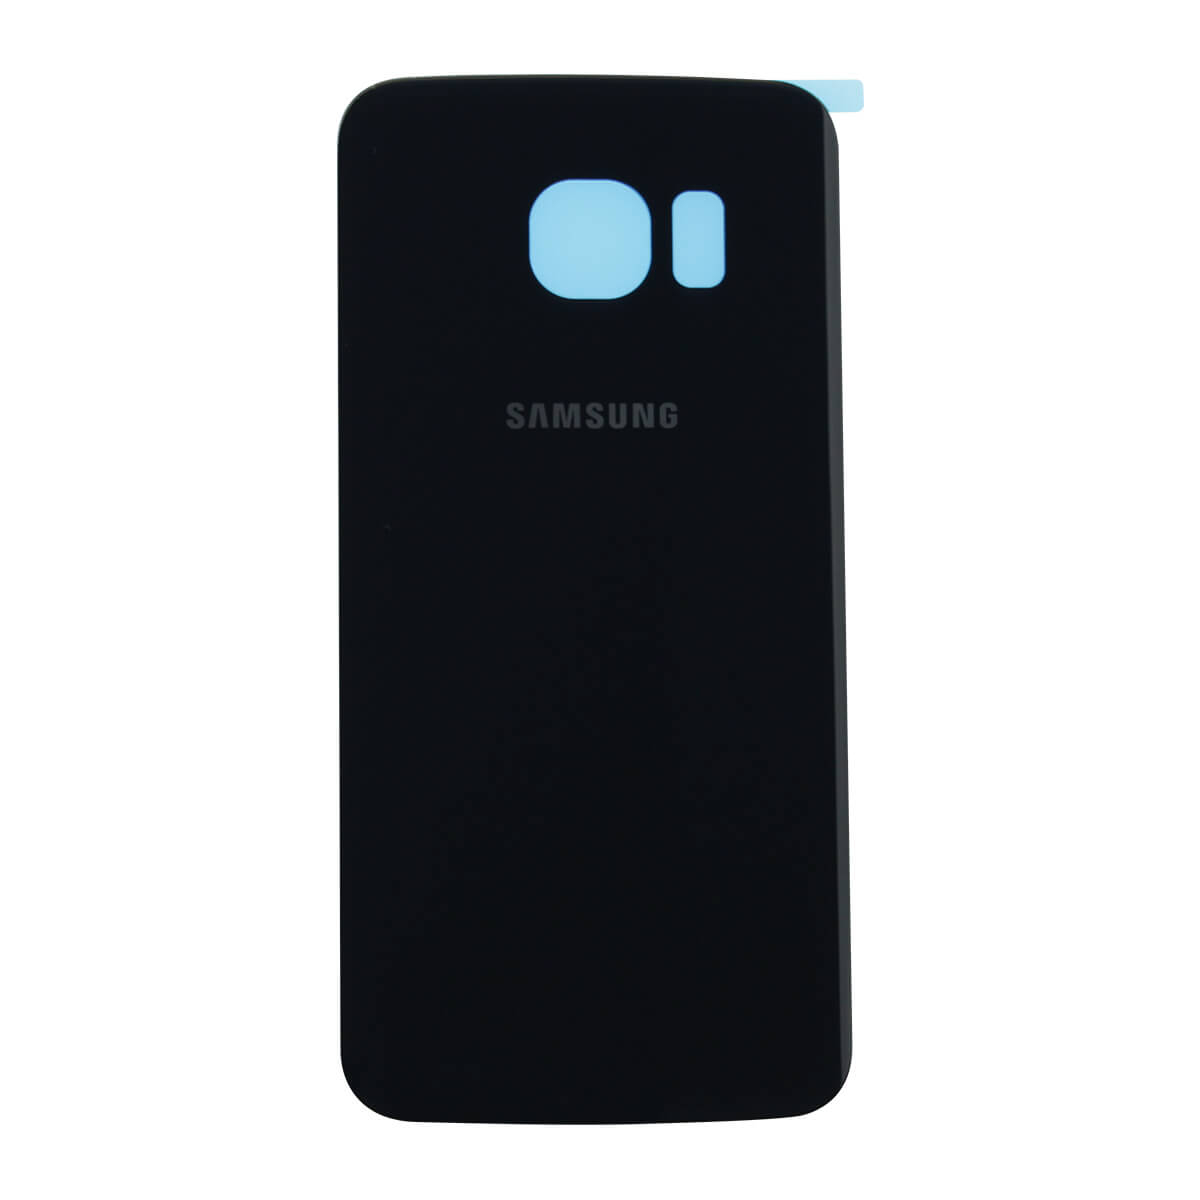 ΚΑΠΑΚΙ ΜΠΑΤΑΡΙΑΣ SAMSUNG S6 EDGE BLACK